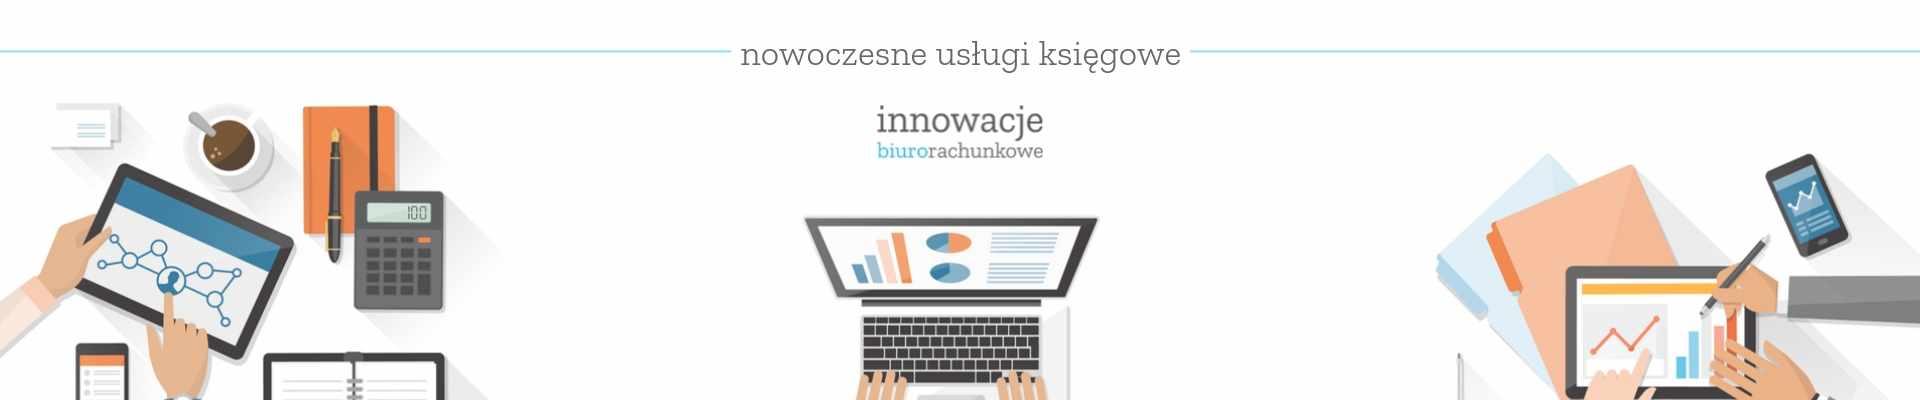 zdjęcie wyróżniające dla kanału Innowacje Biuro Rachunkowe WorldMaster